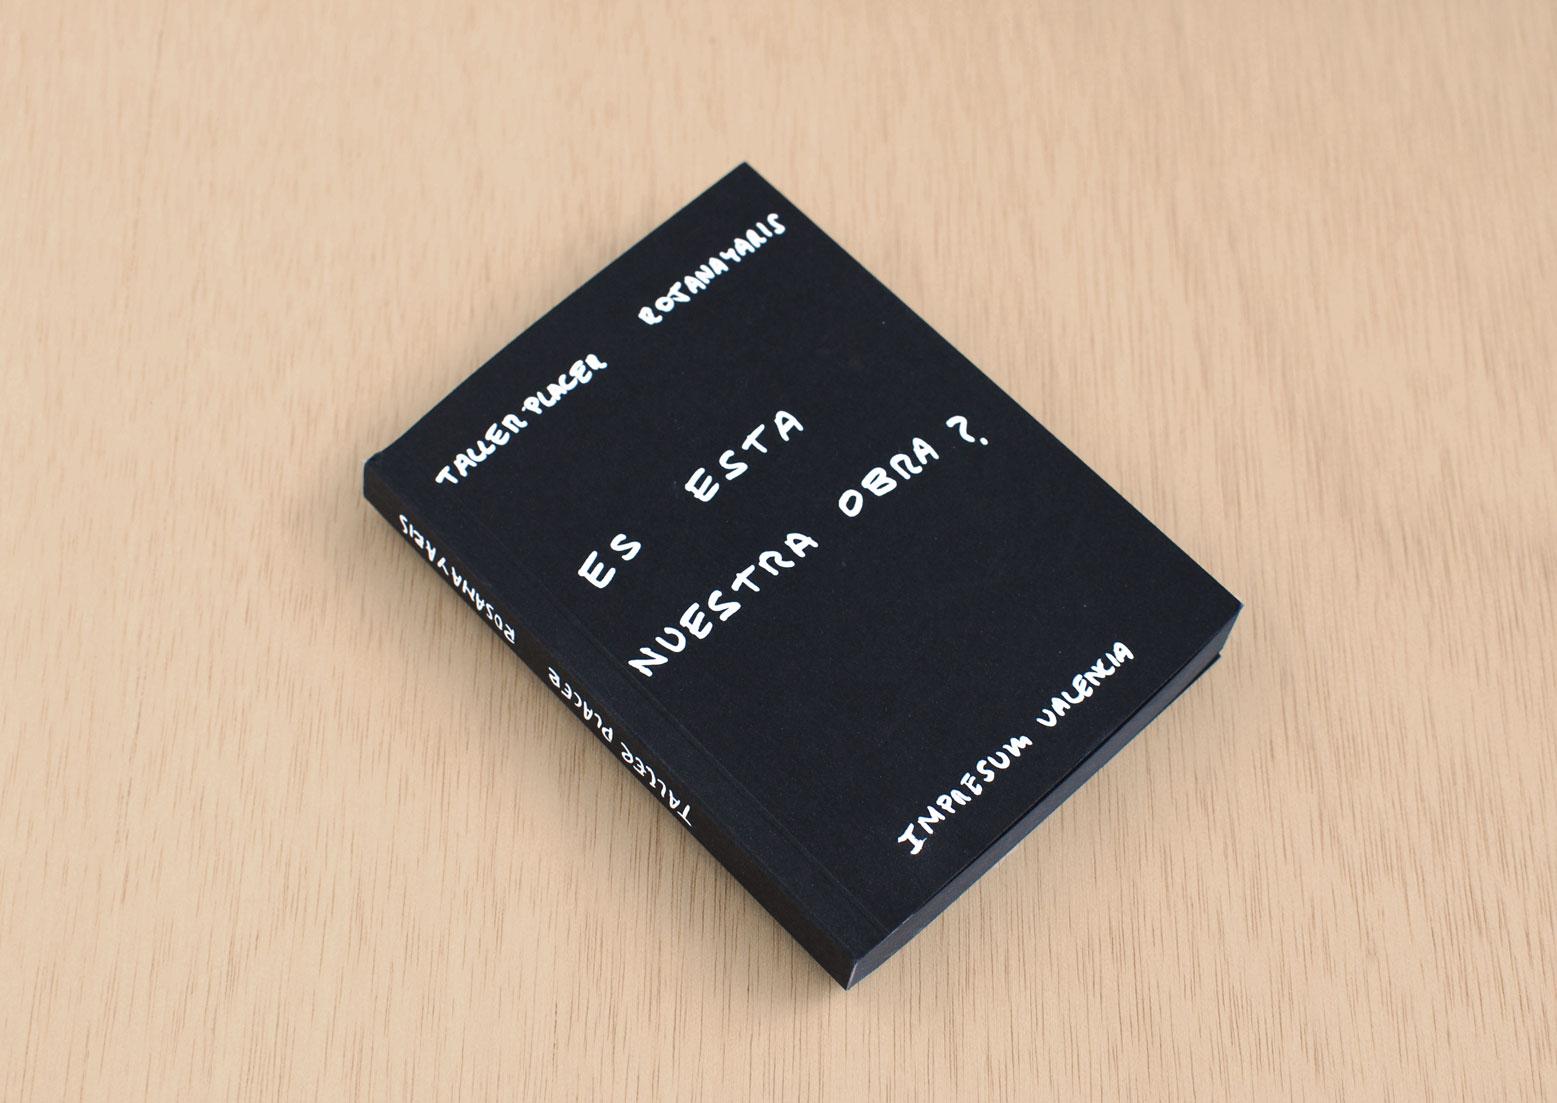 'Es esta nuestra obra?', un libro diferente